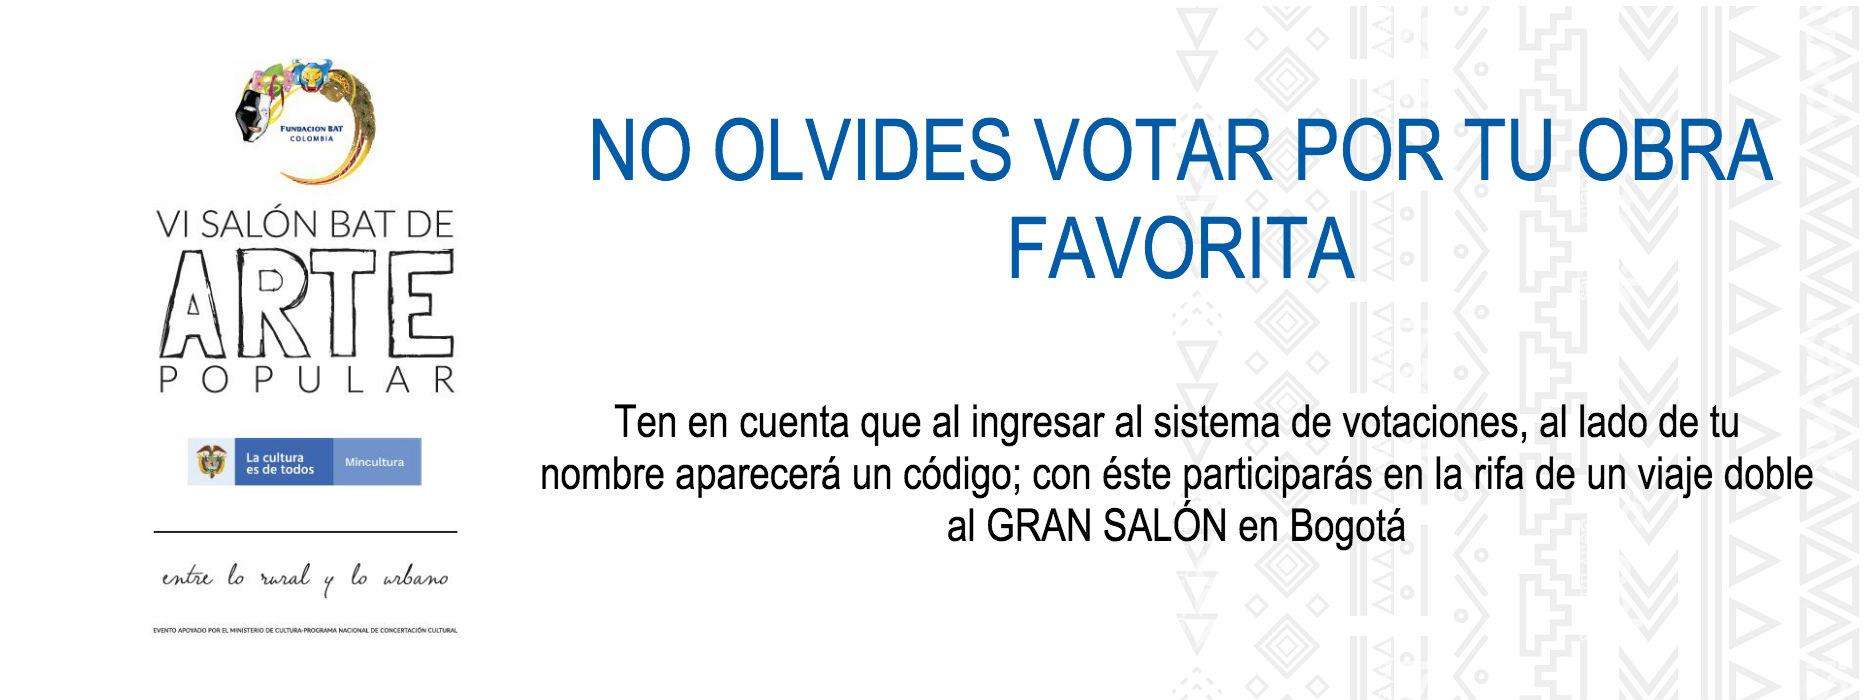 Código para votaciones